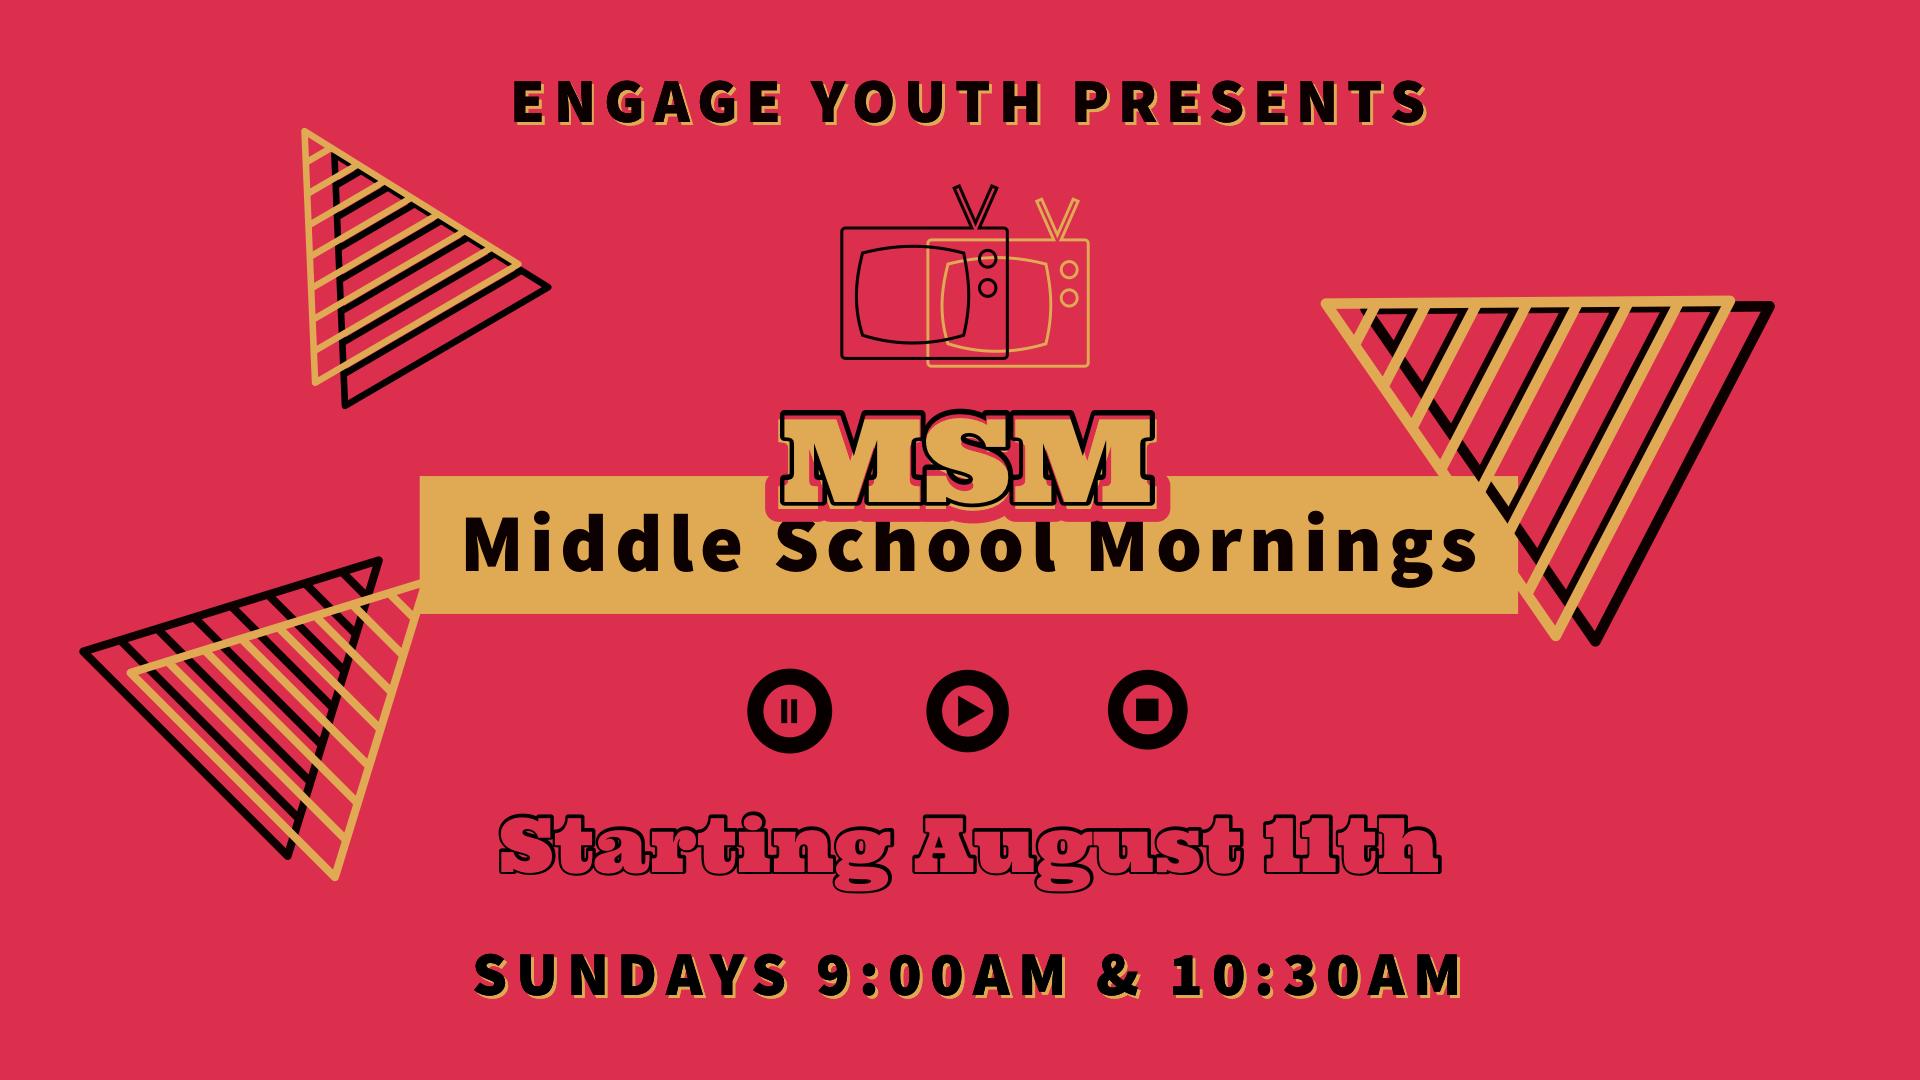 middleschoolmornings.PNG